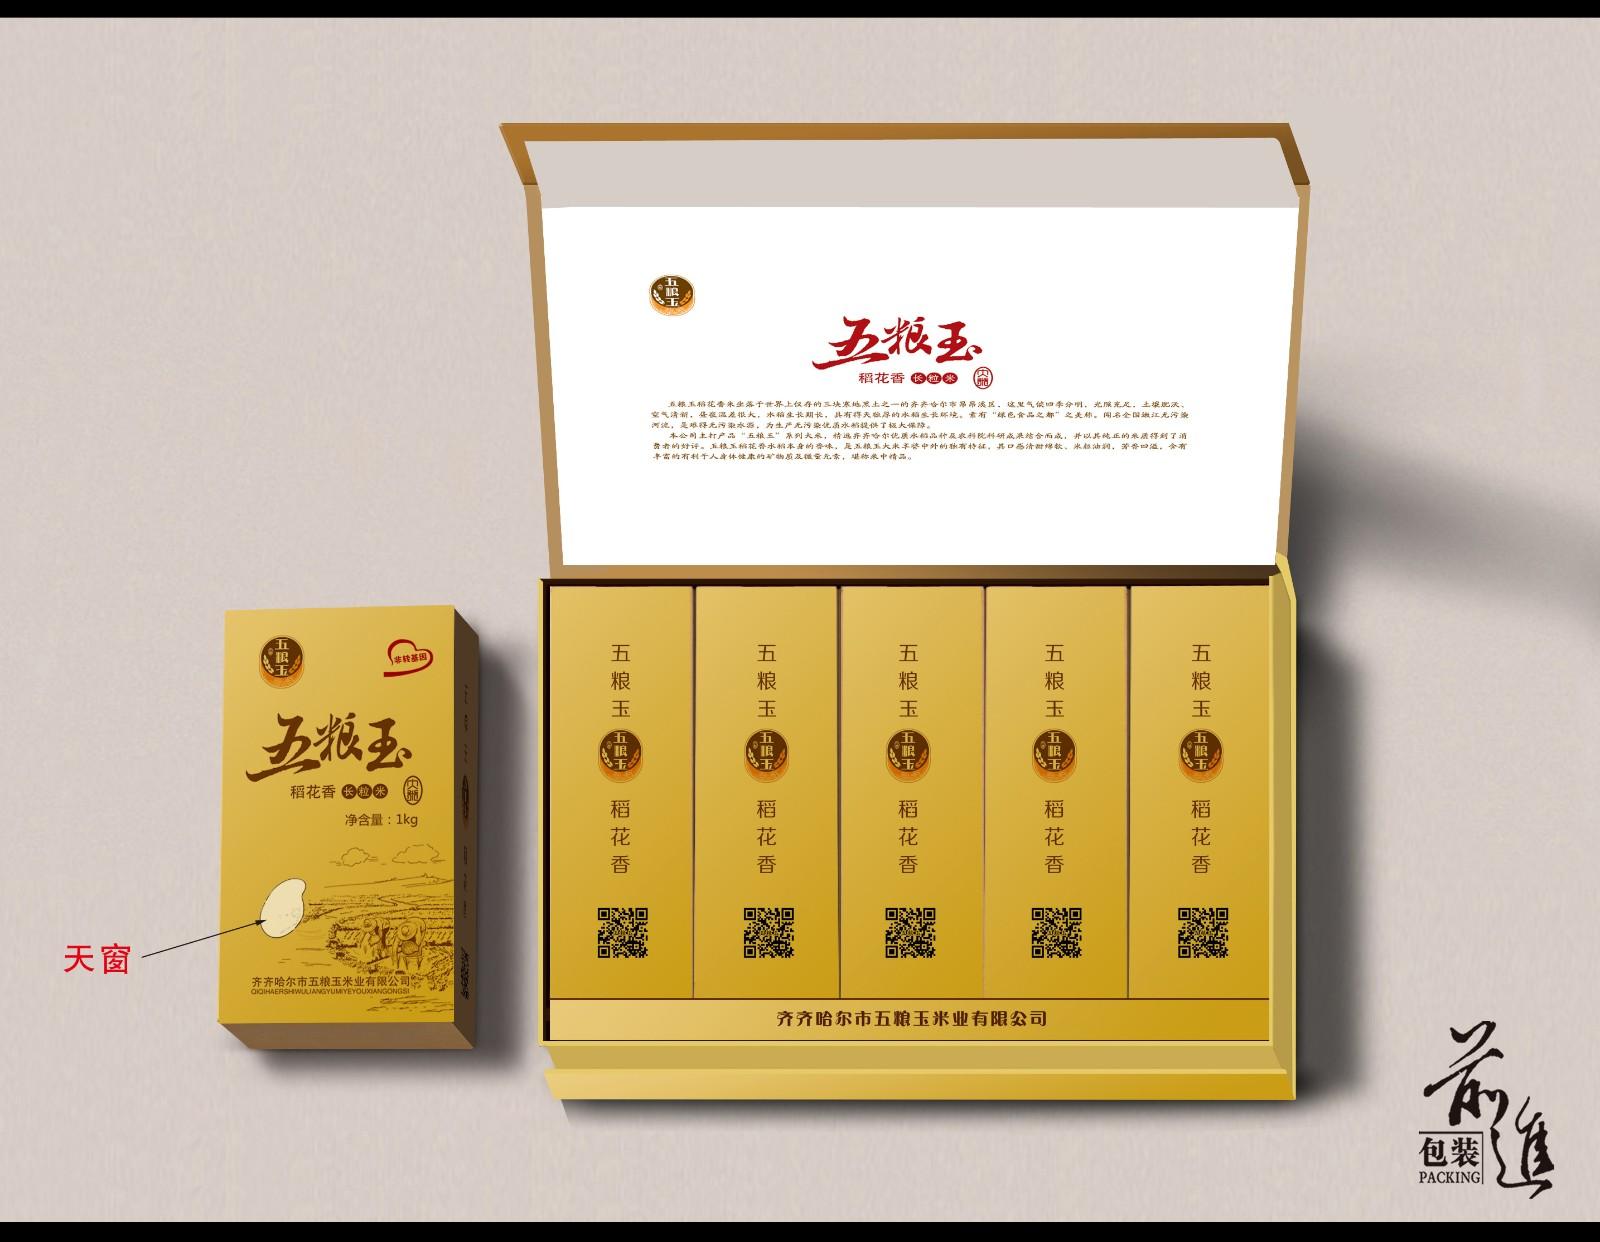 大米包裝盒6.jpg